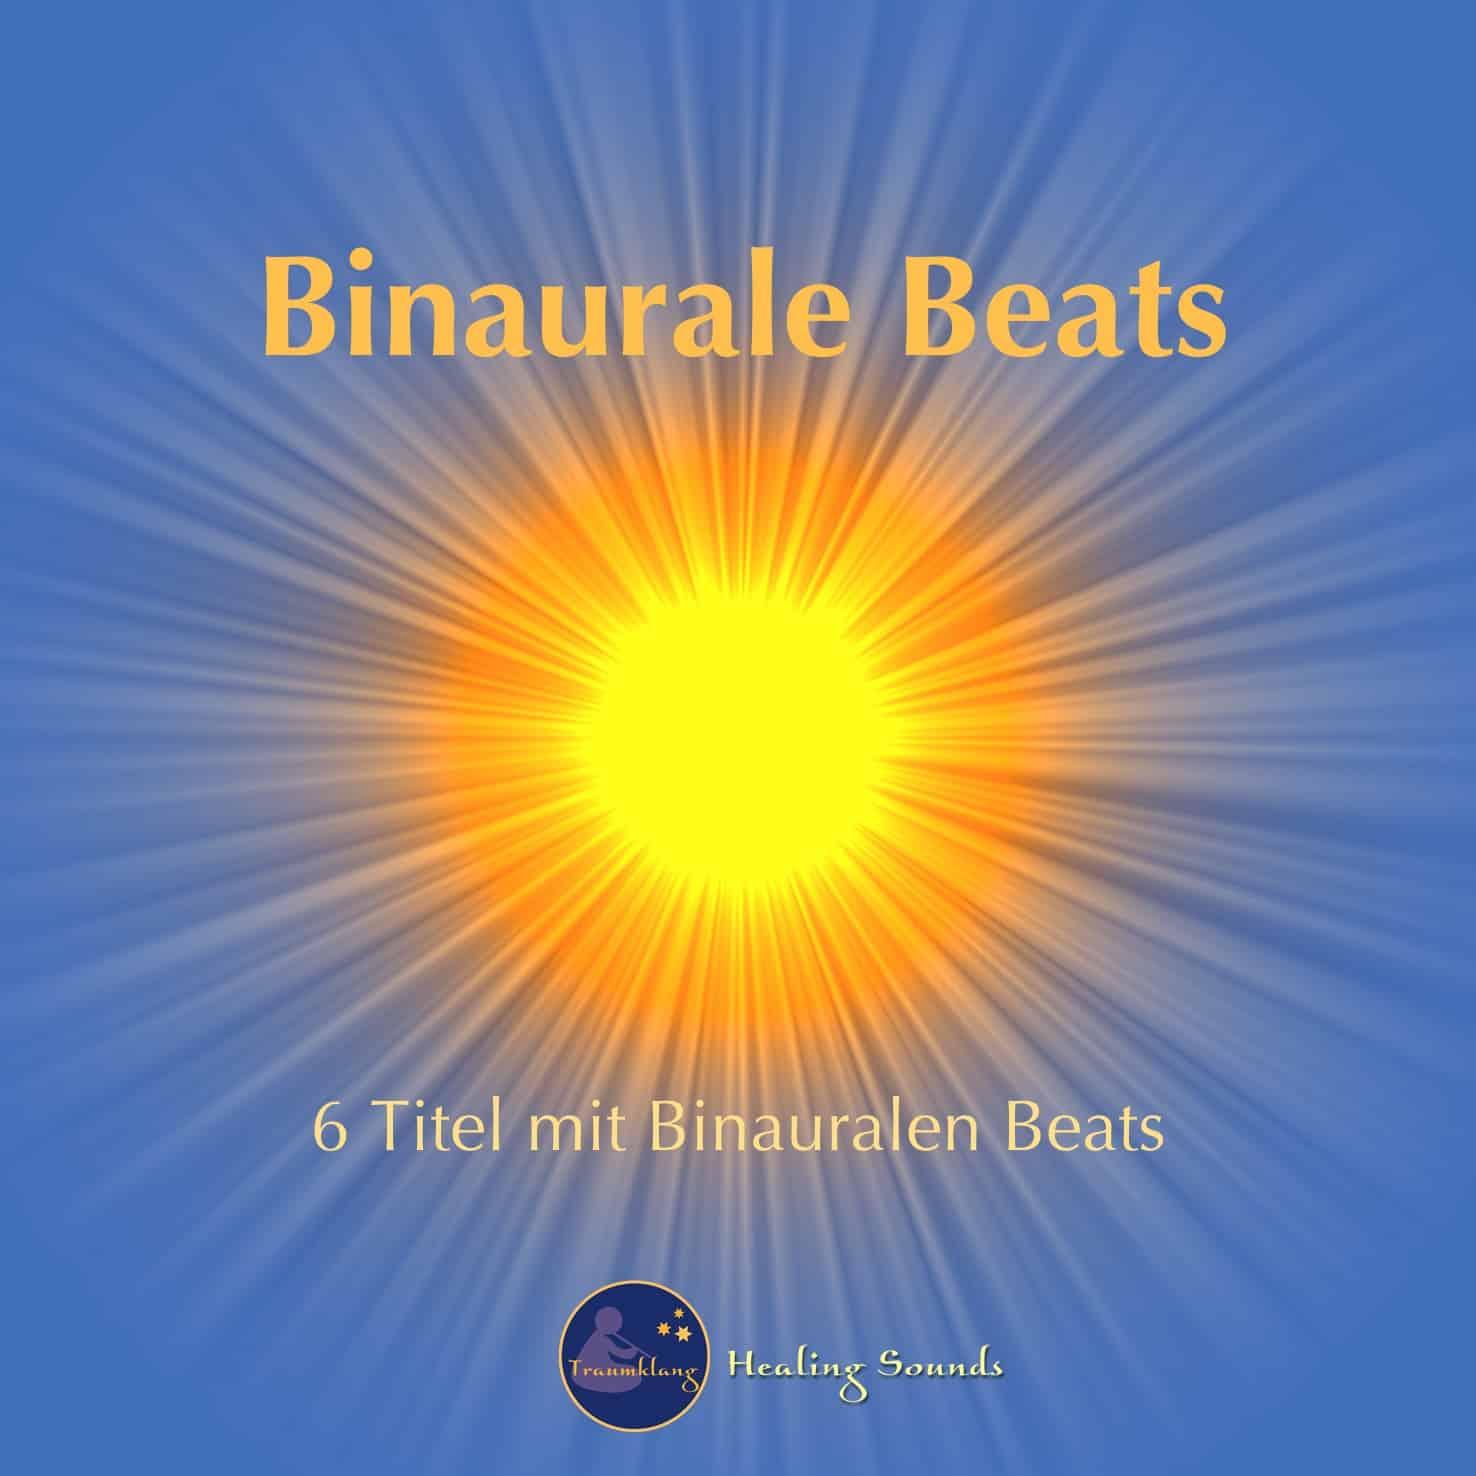 Binaurale Beats mit 3 Stunden Spieldauer